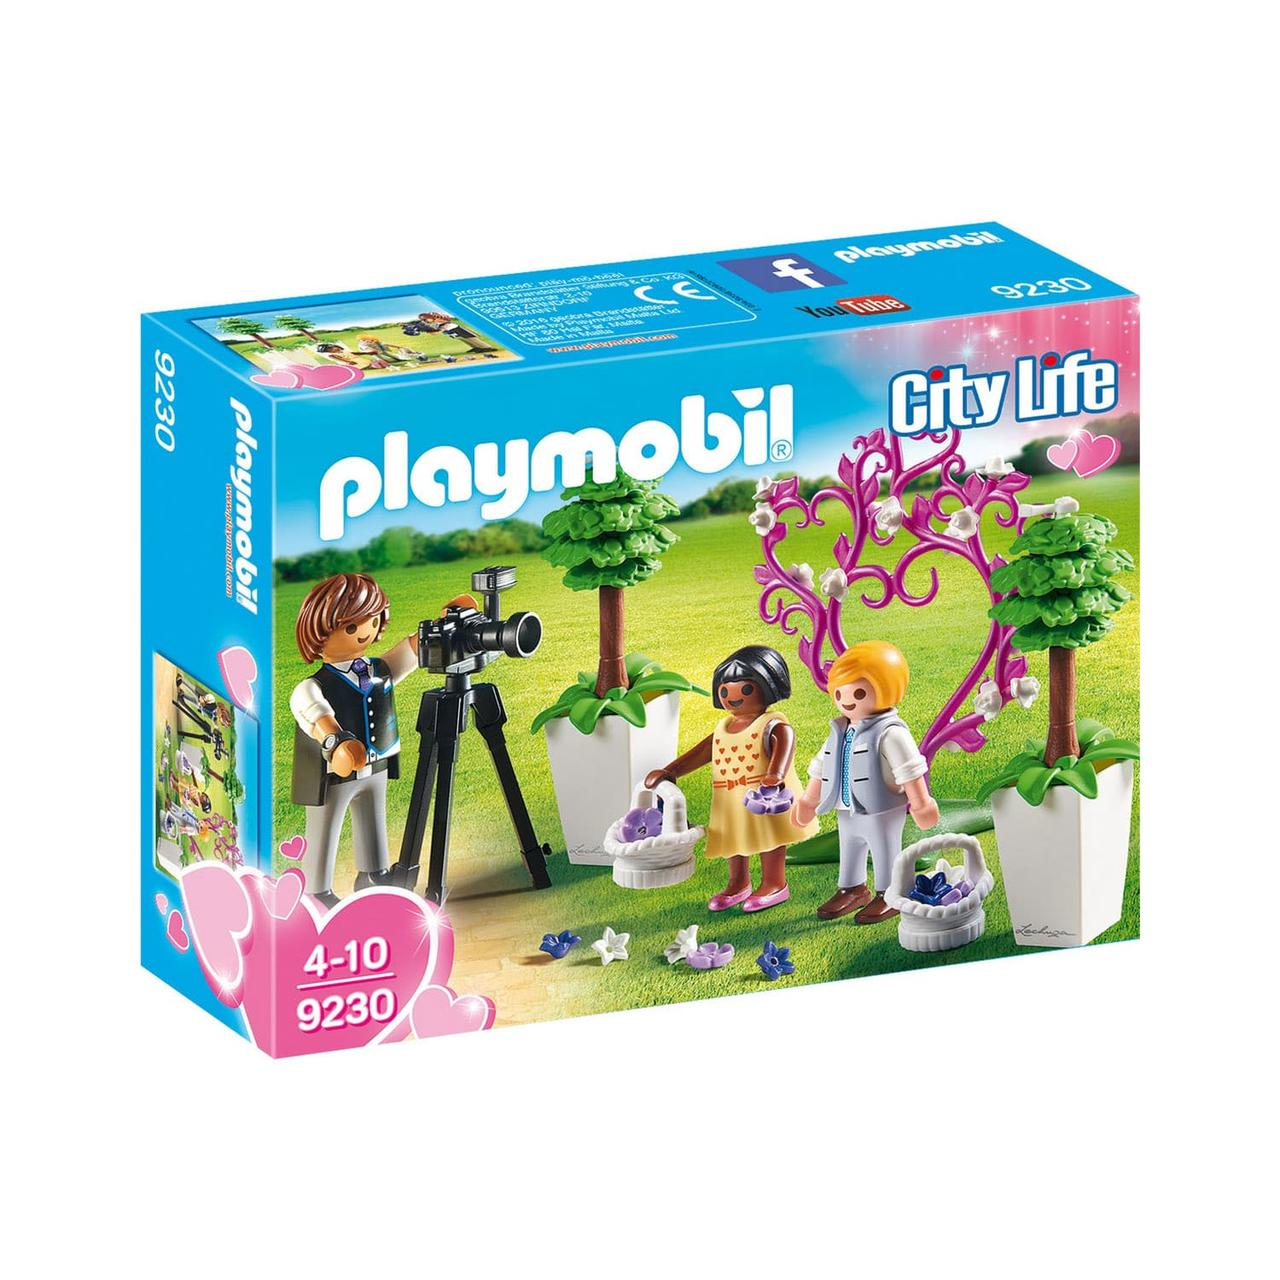 Конструктор Playmobil Фотограф и дети с цветами - фото 1